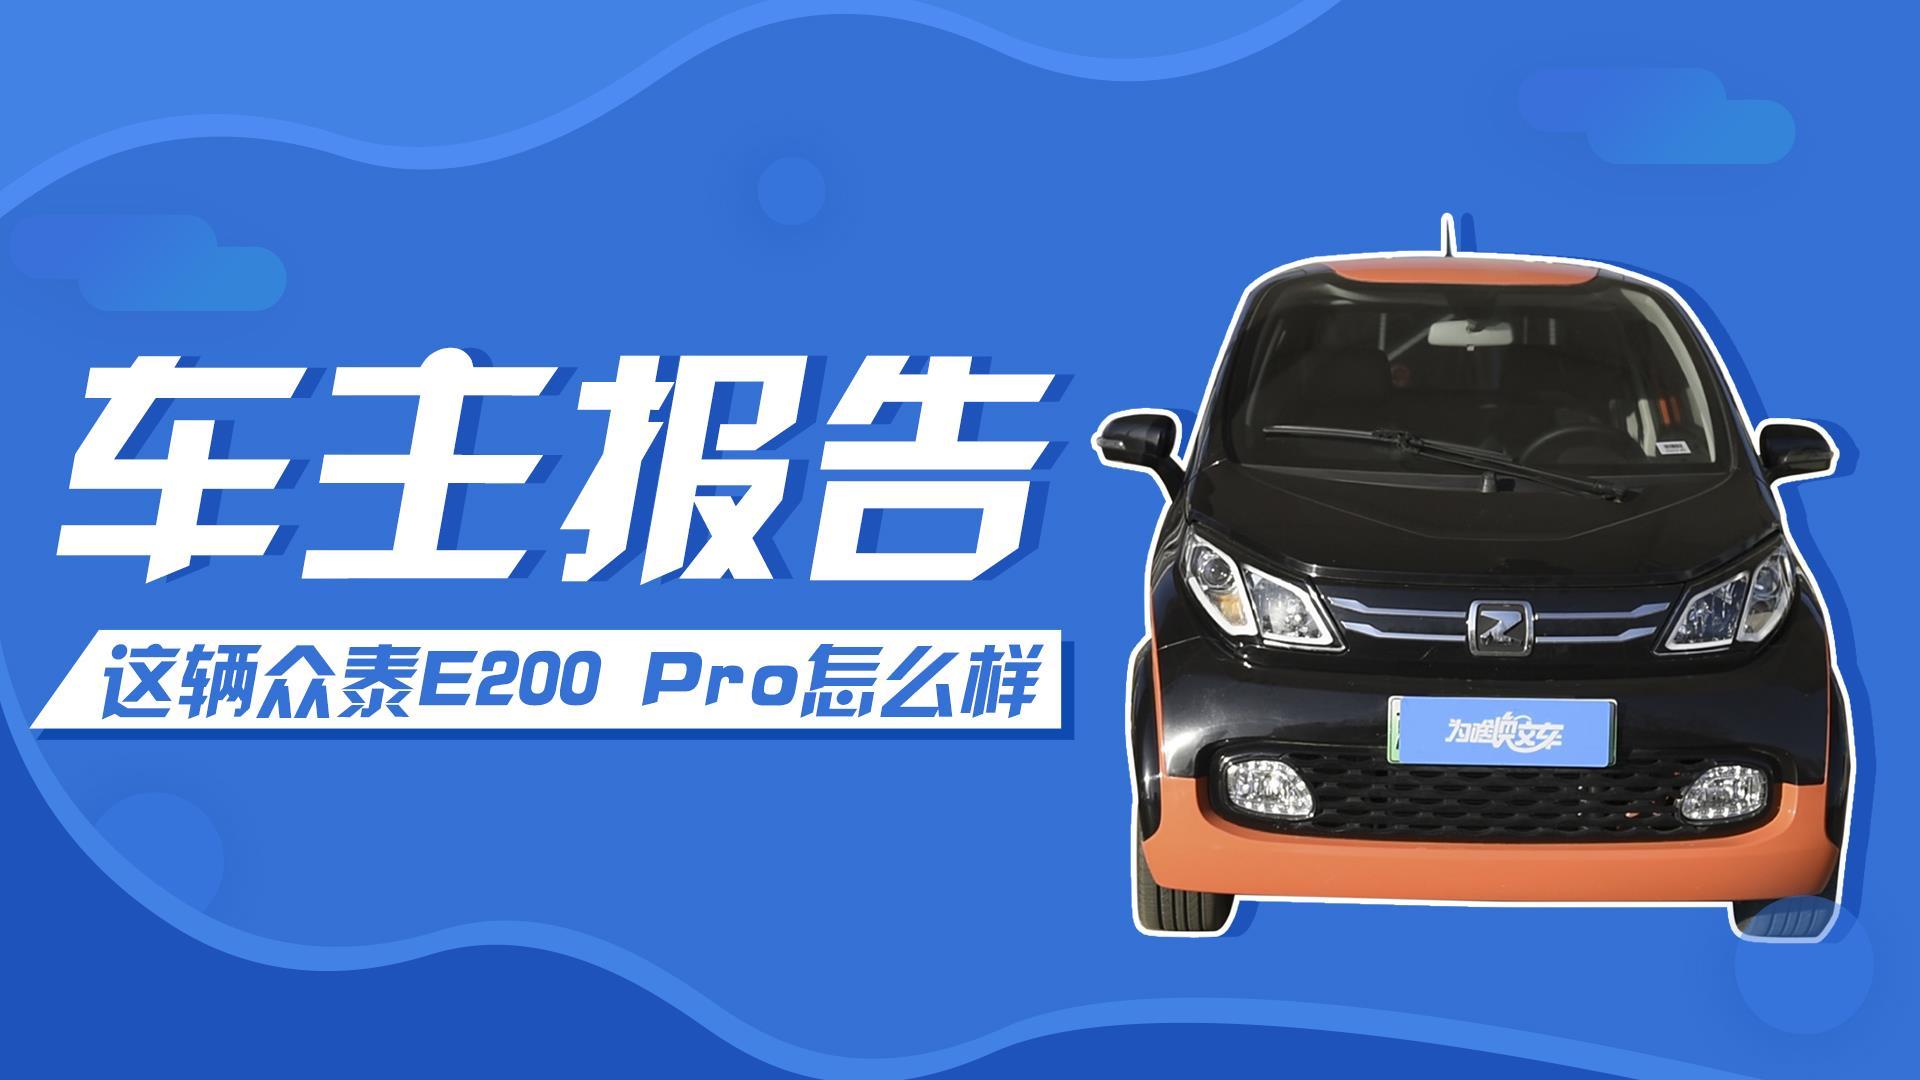 车主报告 这辆众泰E200 Pro怎么样